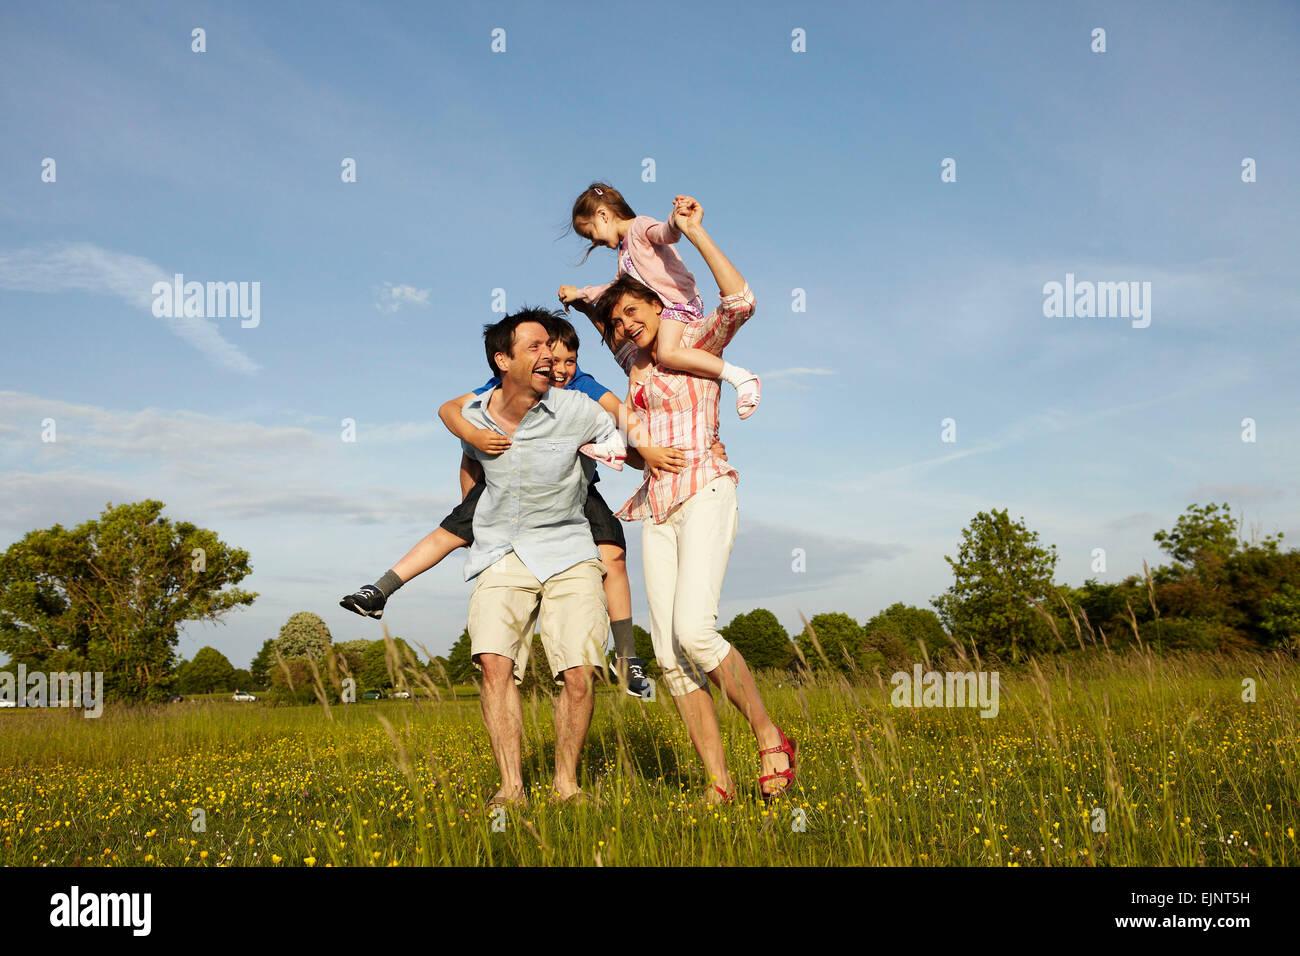 Eine Familie, zwei Eltern im Freien im Sommer geben piggybacks für zwei Kinder. Stockbild